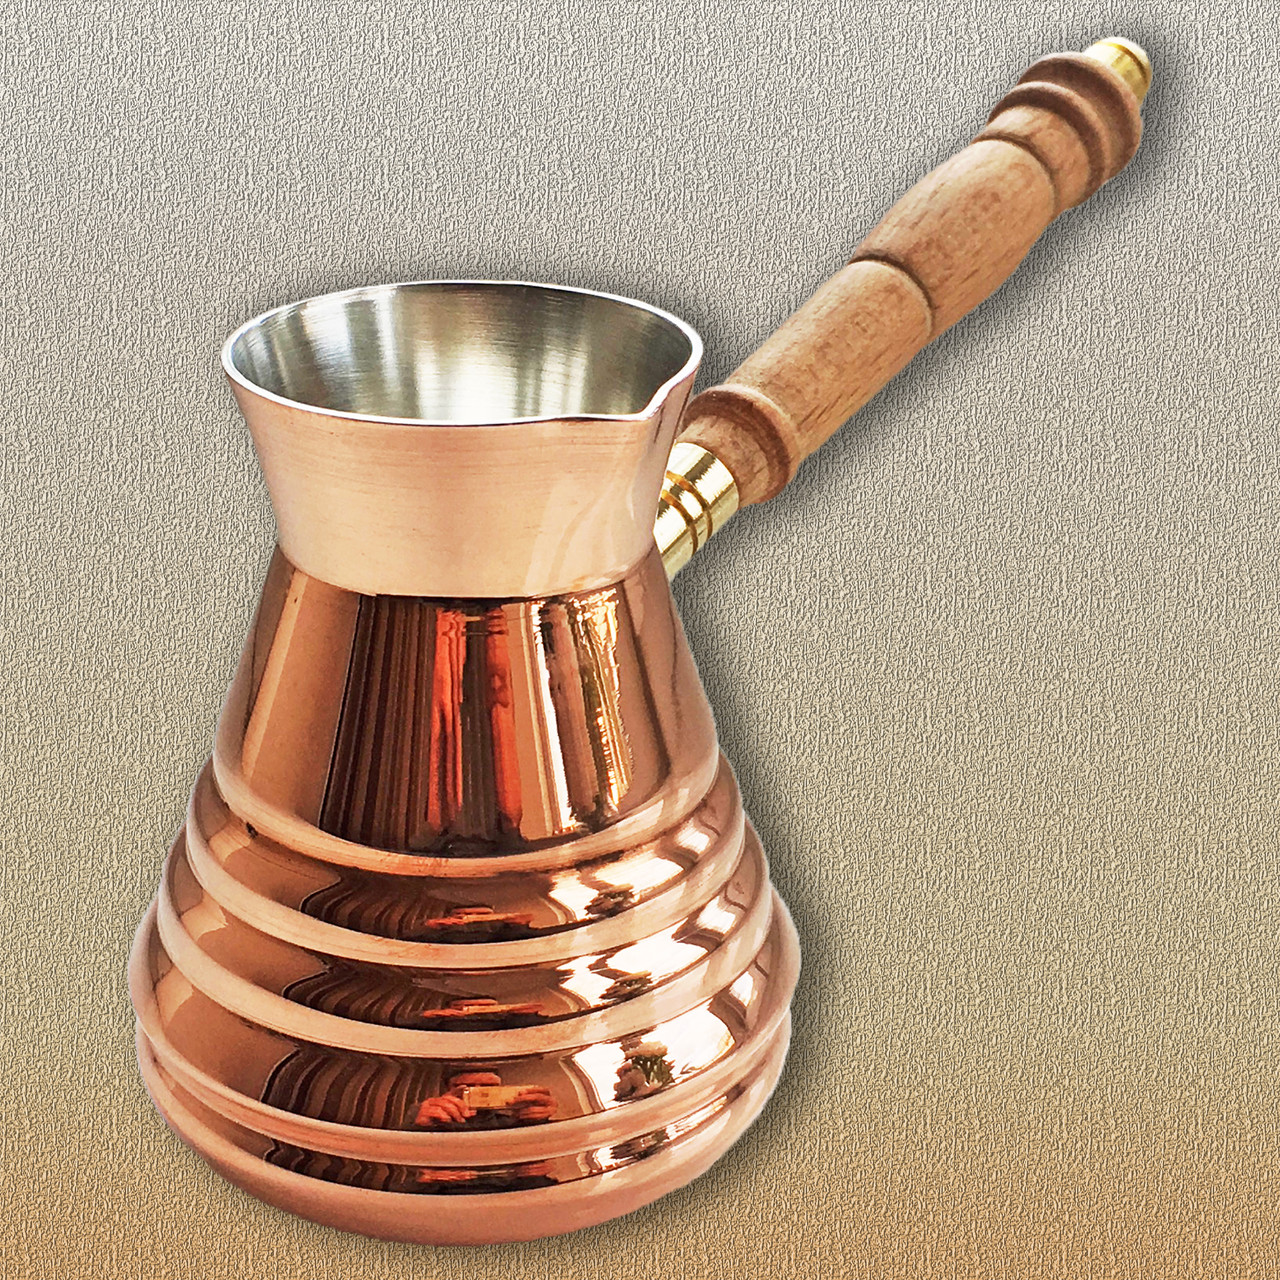 Турка для кофе: какую турку выбрать | lifestyle | селдон новости